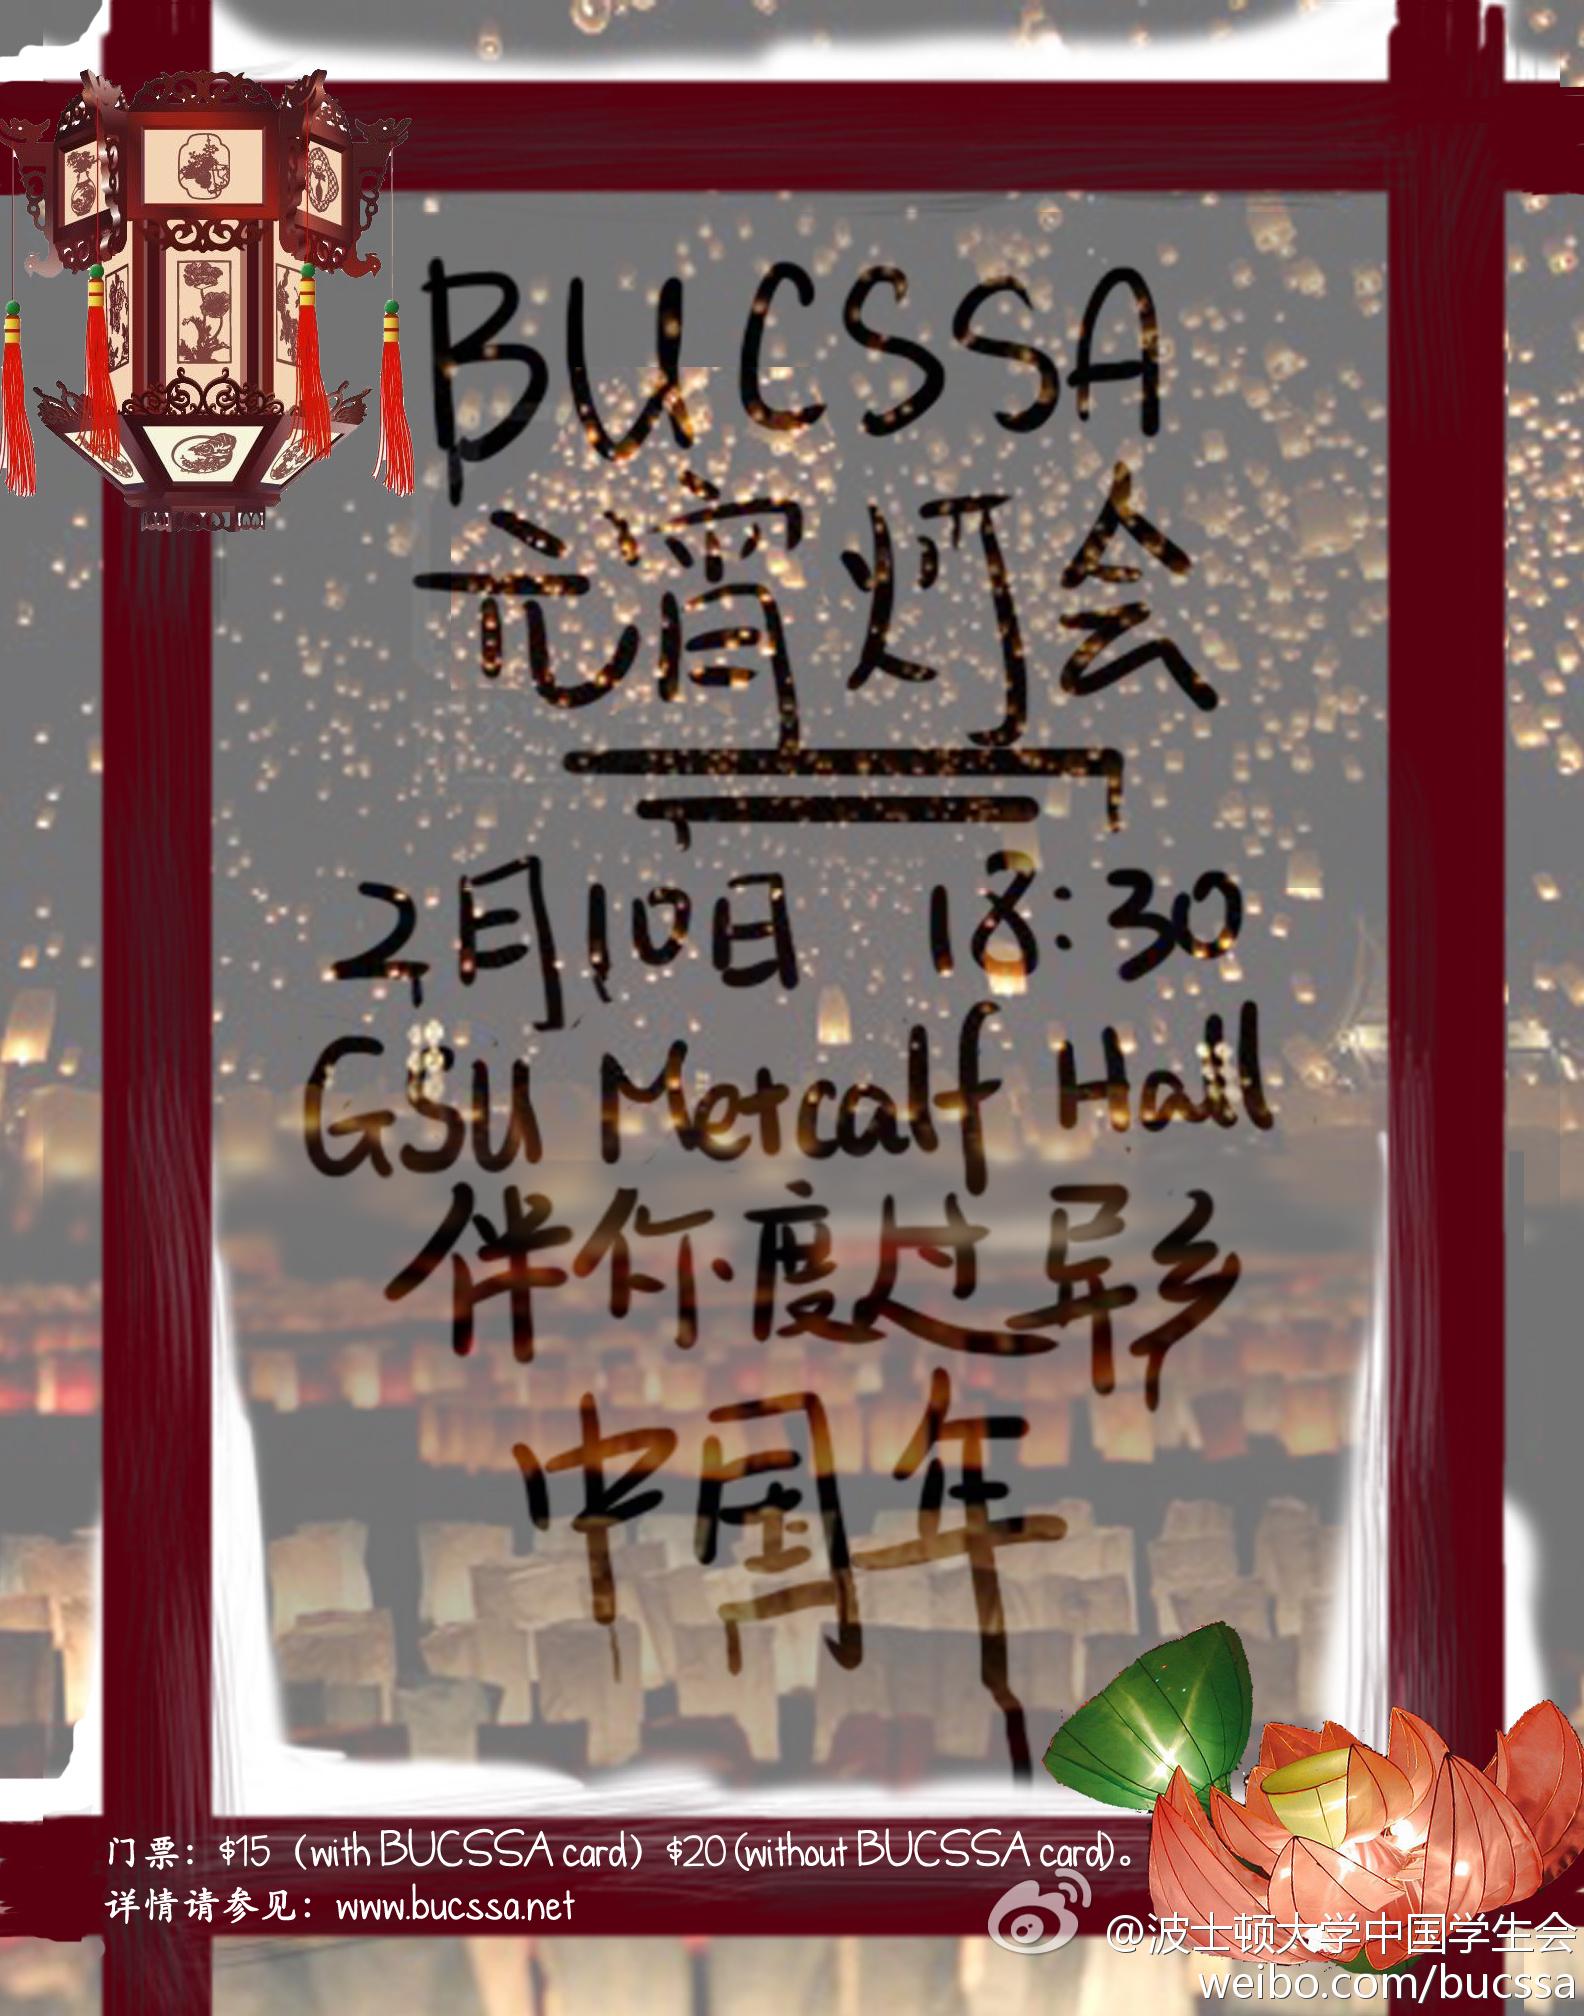 春节气息持续发热: BUCSSA 2012元宵灯会